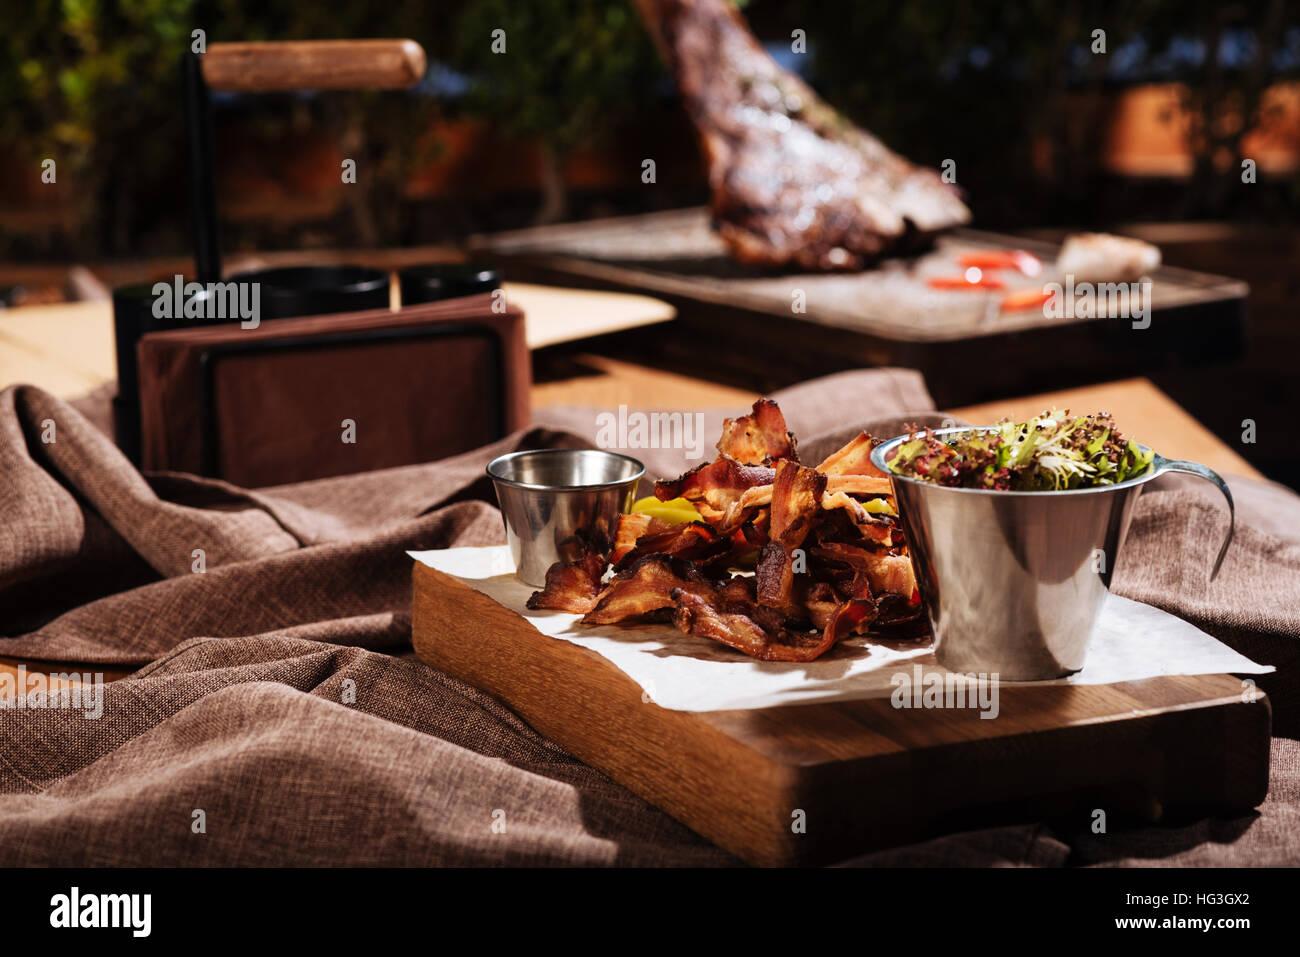 Salade de bacon et debout dans la salle de restaurant Photo Stock